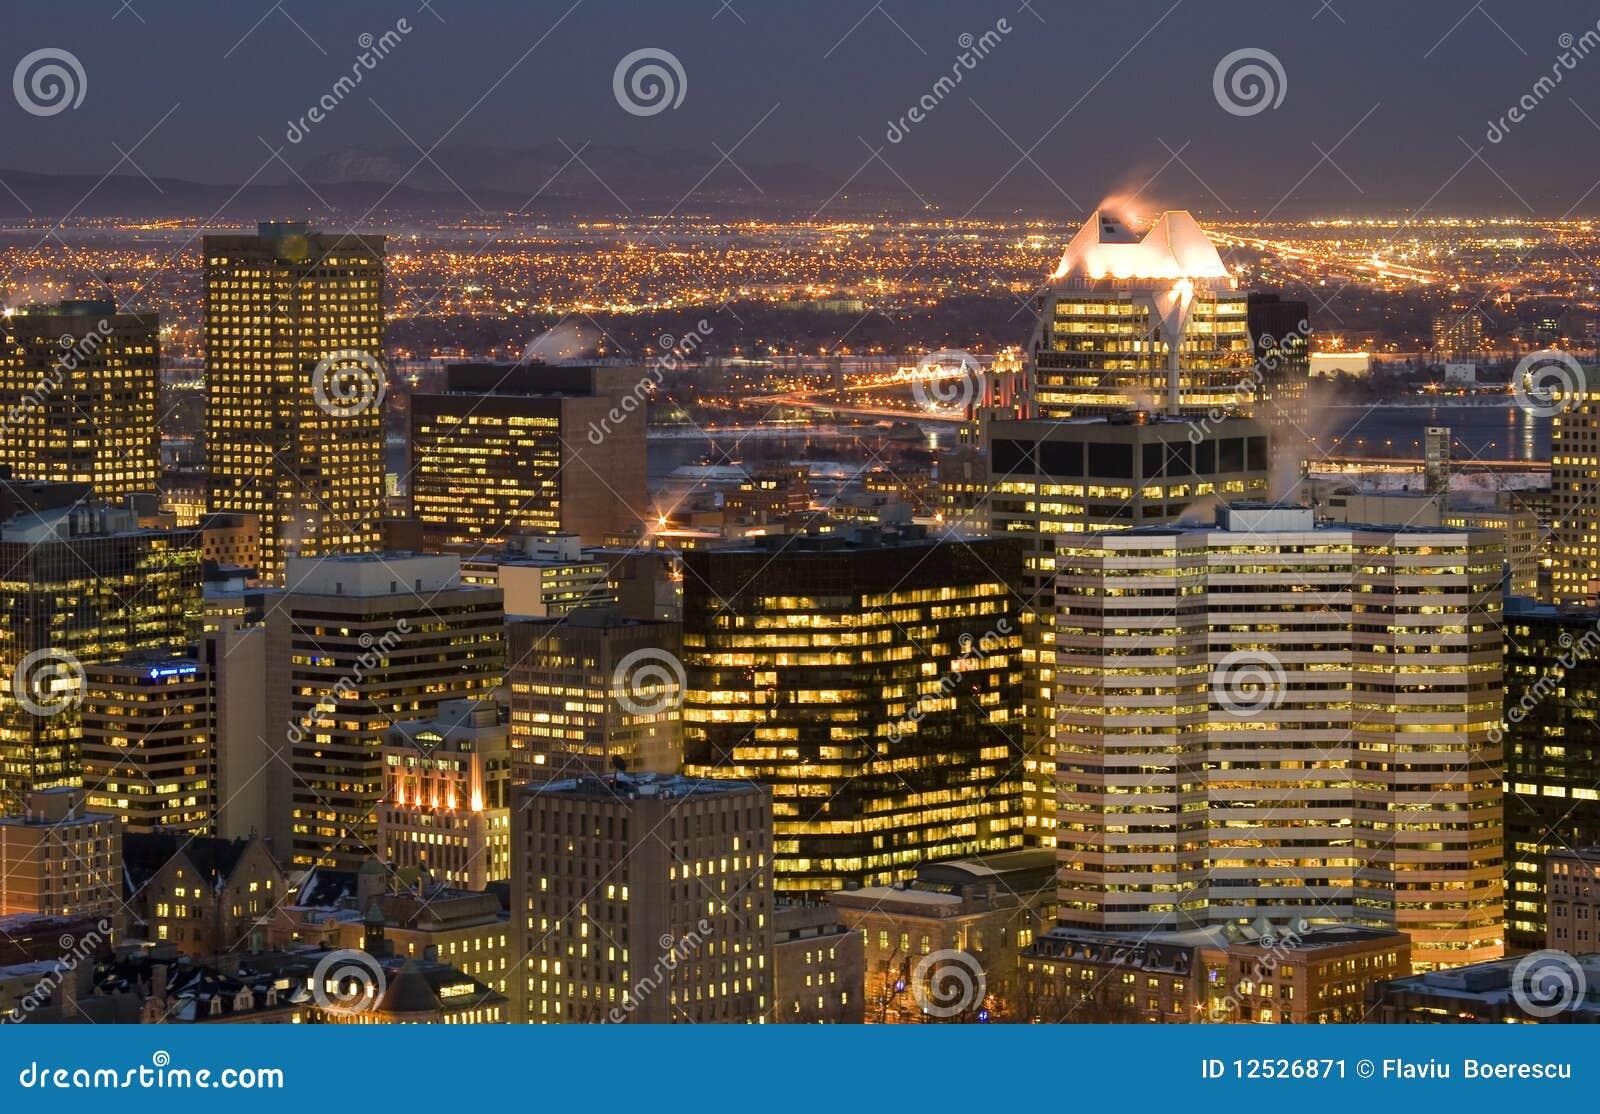 Construction de gratte ciel de montr al de sc ne de nuit de paysage urbain im - Construction gratte ciel ...